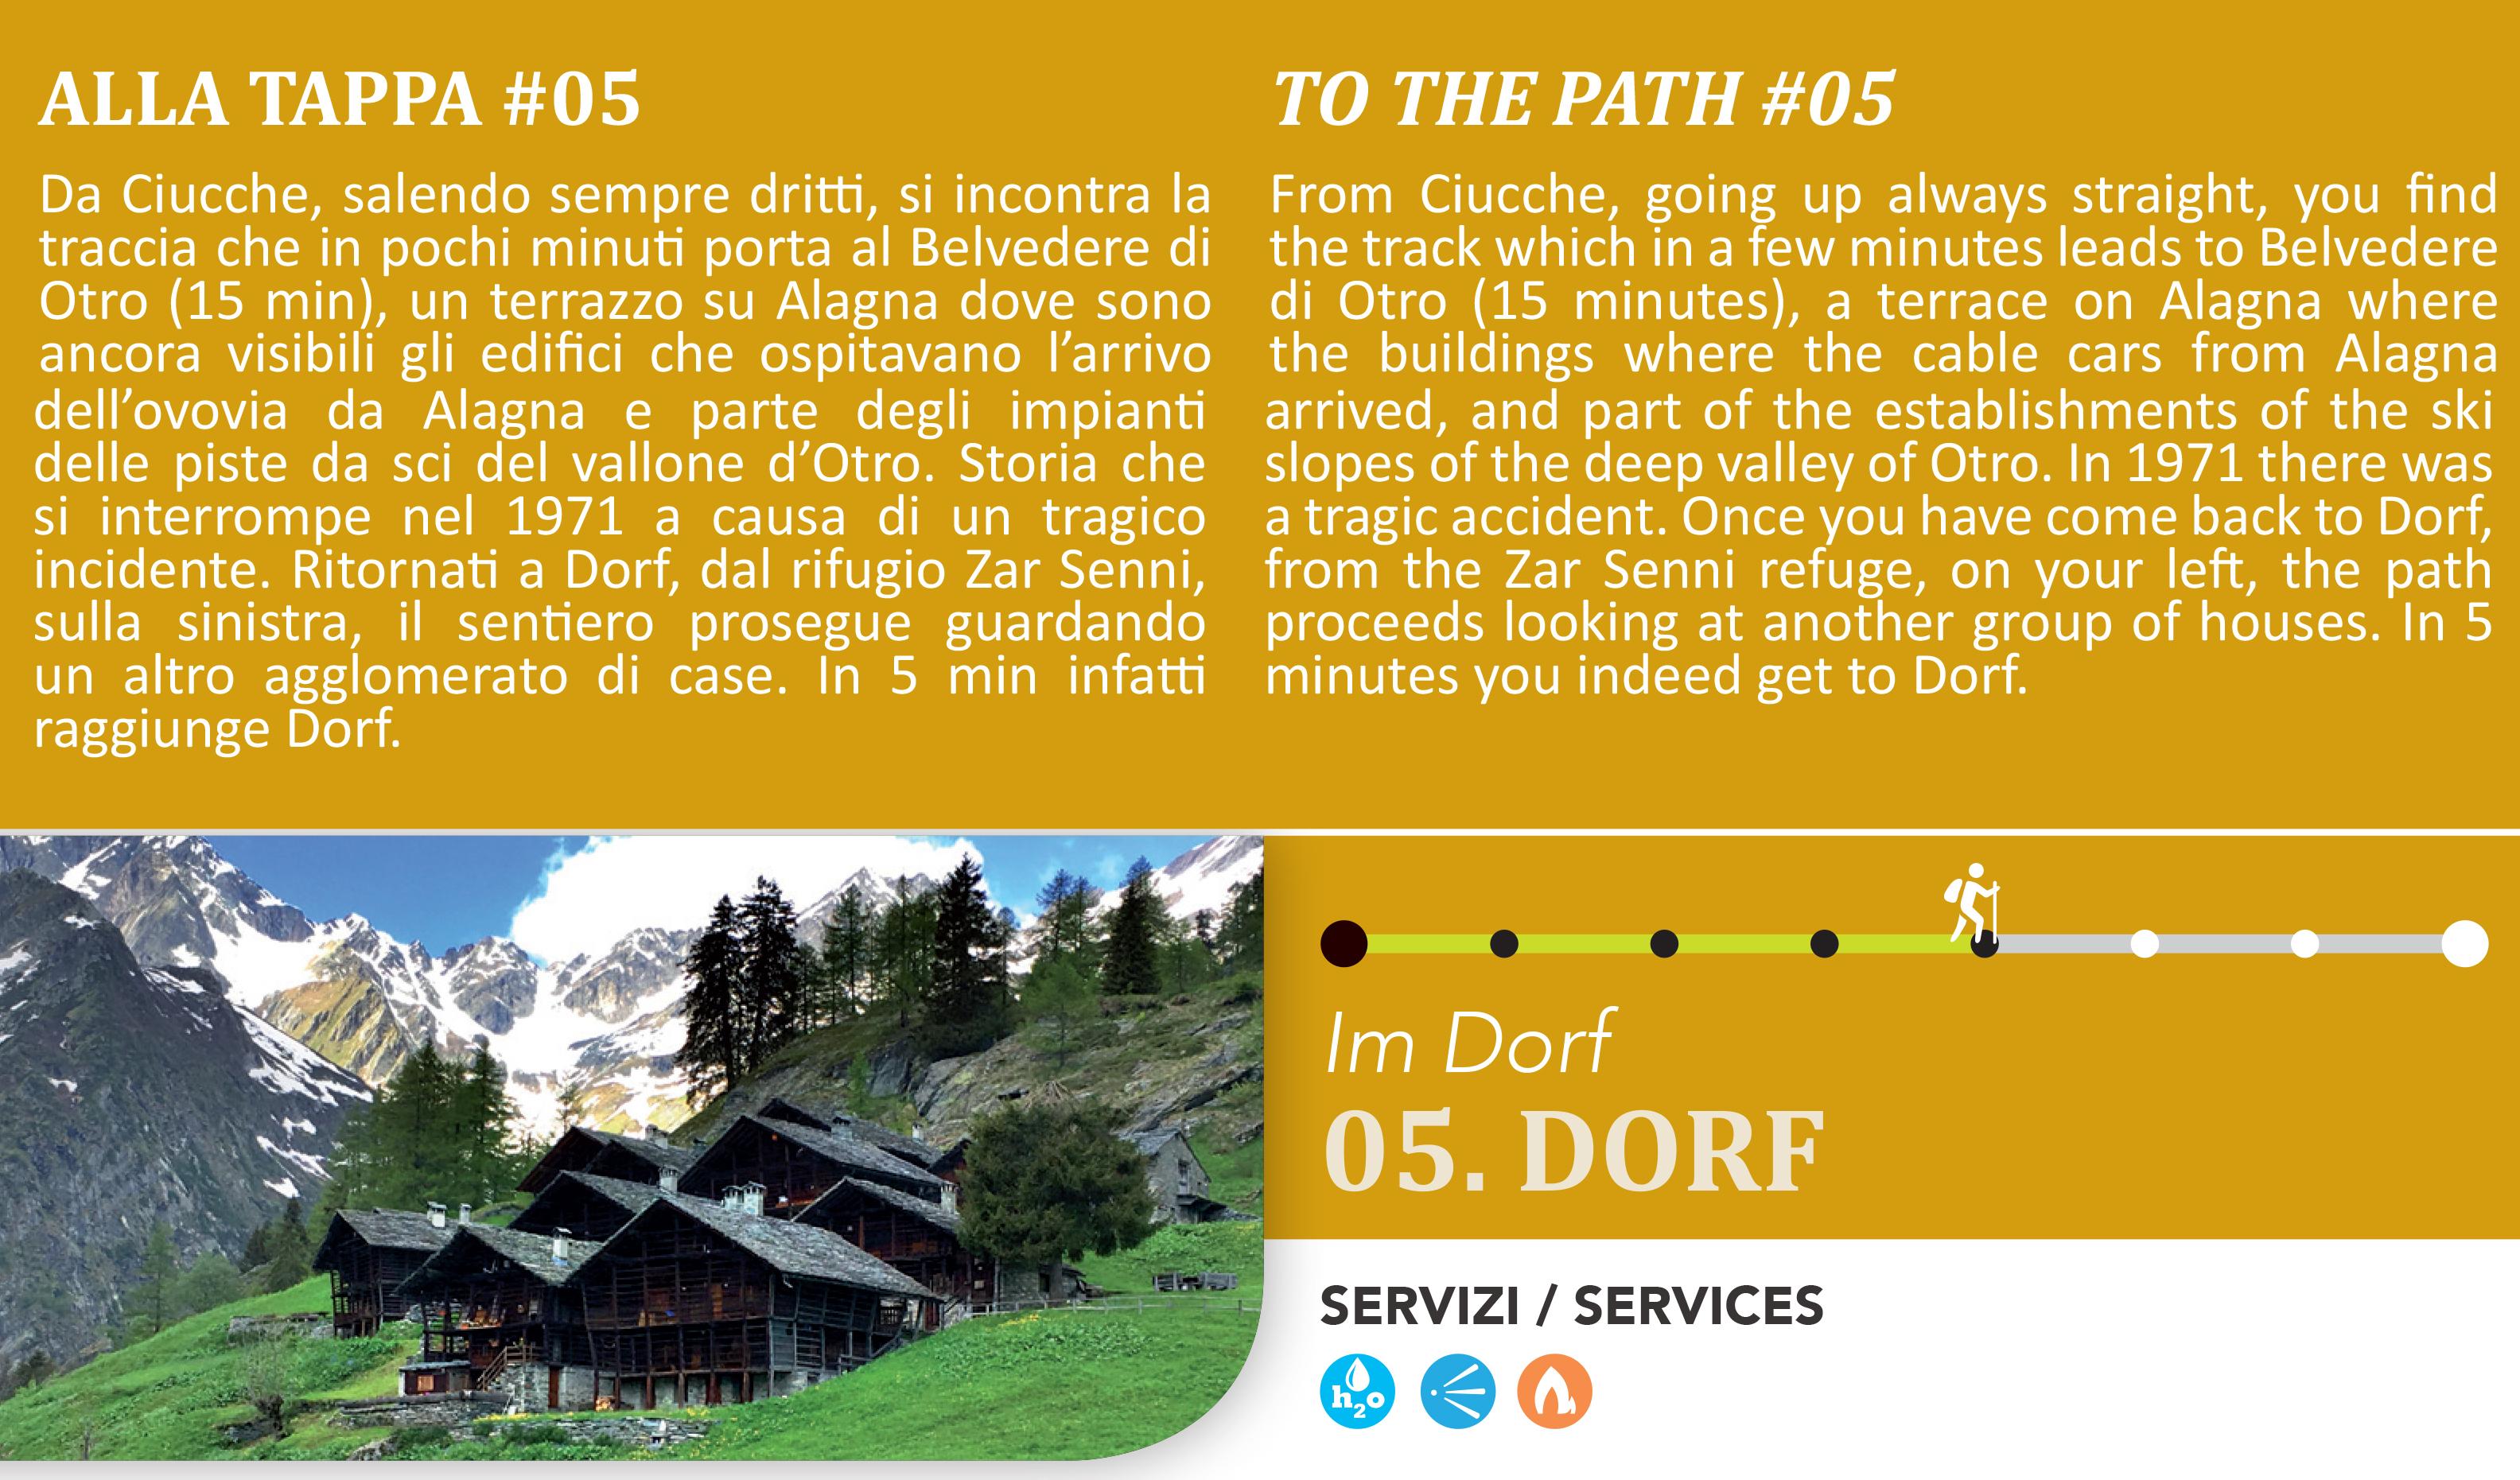 Dorf frazione di Otro di Alagna Valsesia